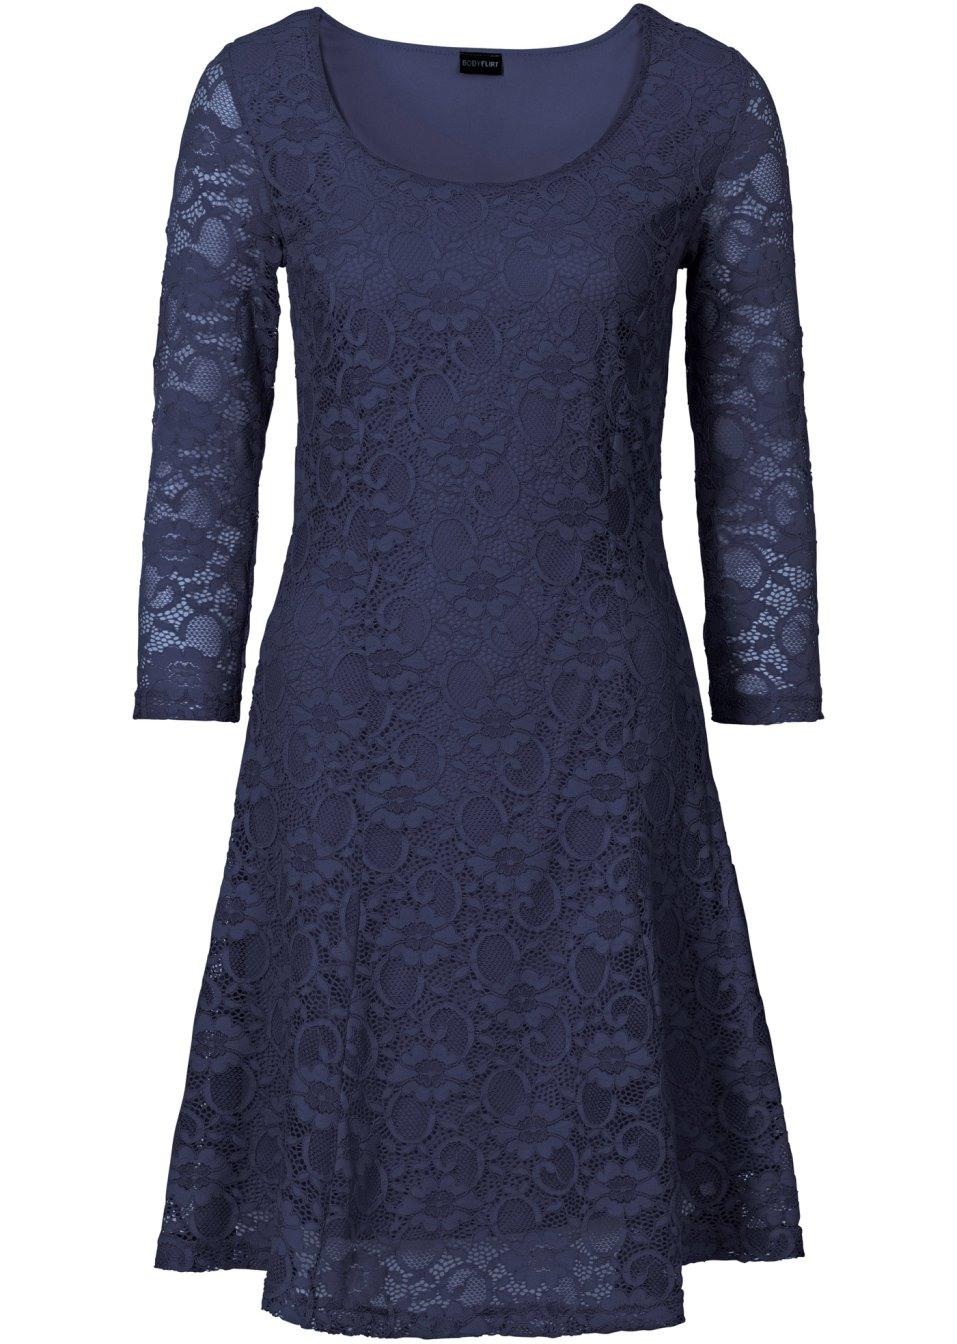 20 Luxurius Kleid Blau Mit Spitze für 201917 Kreativ Kleid Blau Mit Spitze Bester Preis